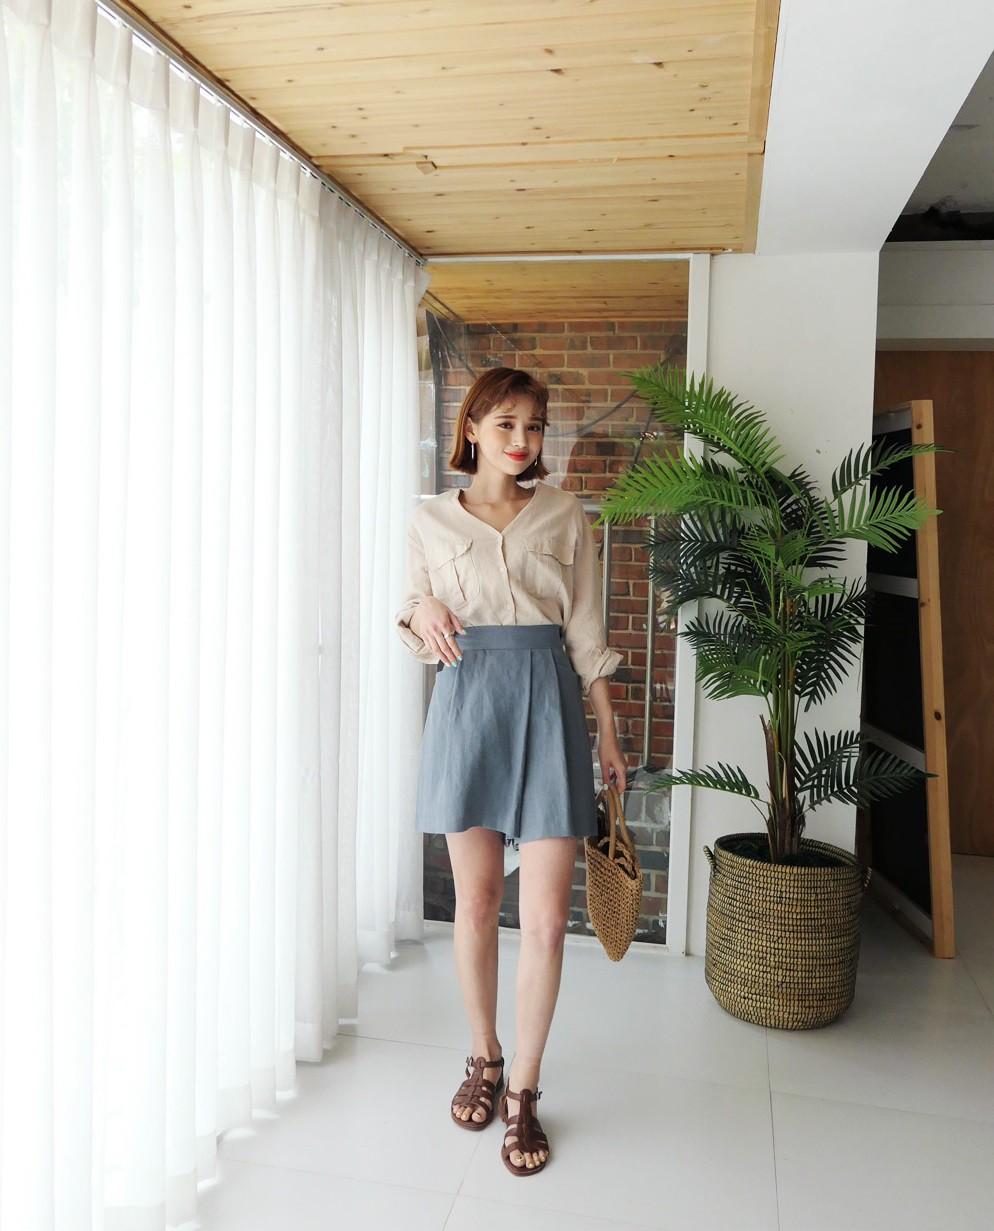 4 kiểu chân váy ngắn diện lên trẻ trung hết sức, lại còn giúp khoe triệt để đôi chân thon gọn nuột nà - Ảnh 13.